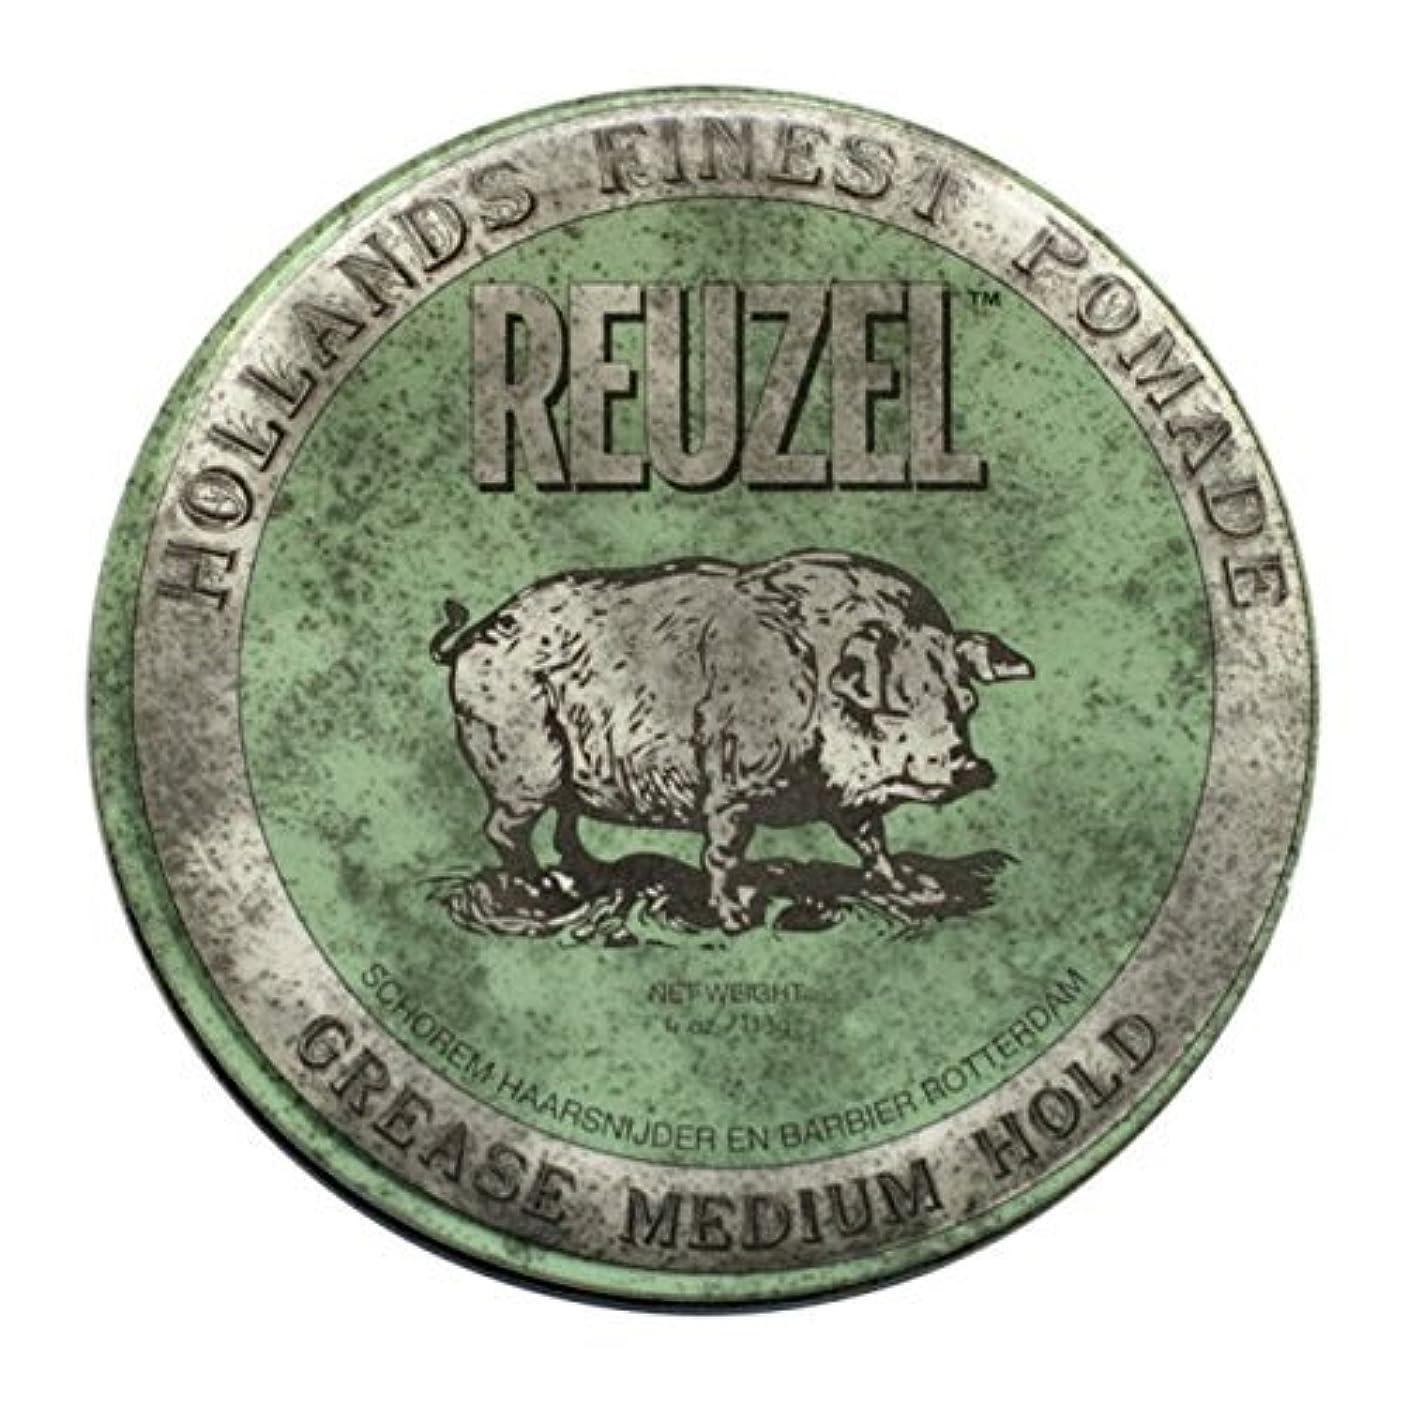 猛烈な応答火曜日Reuzel Green Grease Medium Hold Hair Styling Pomade Piglet 1.3oz (35g) Wax/Gel by Reuzel